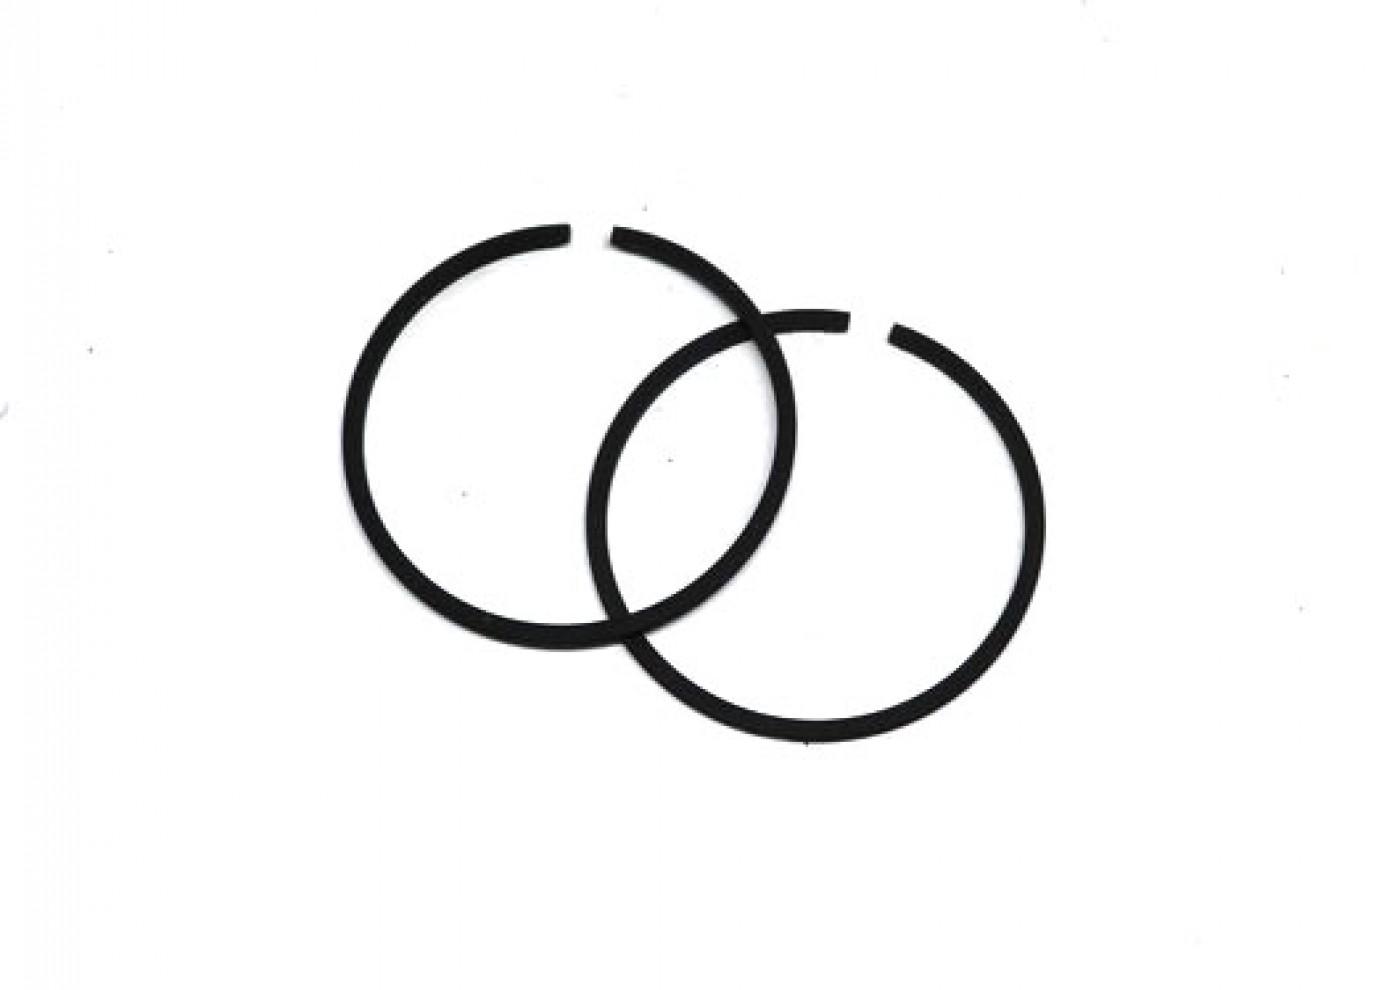 Sada pístních kroužků Stihl FS55